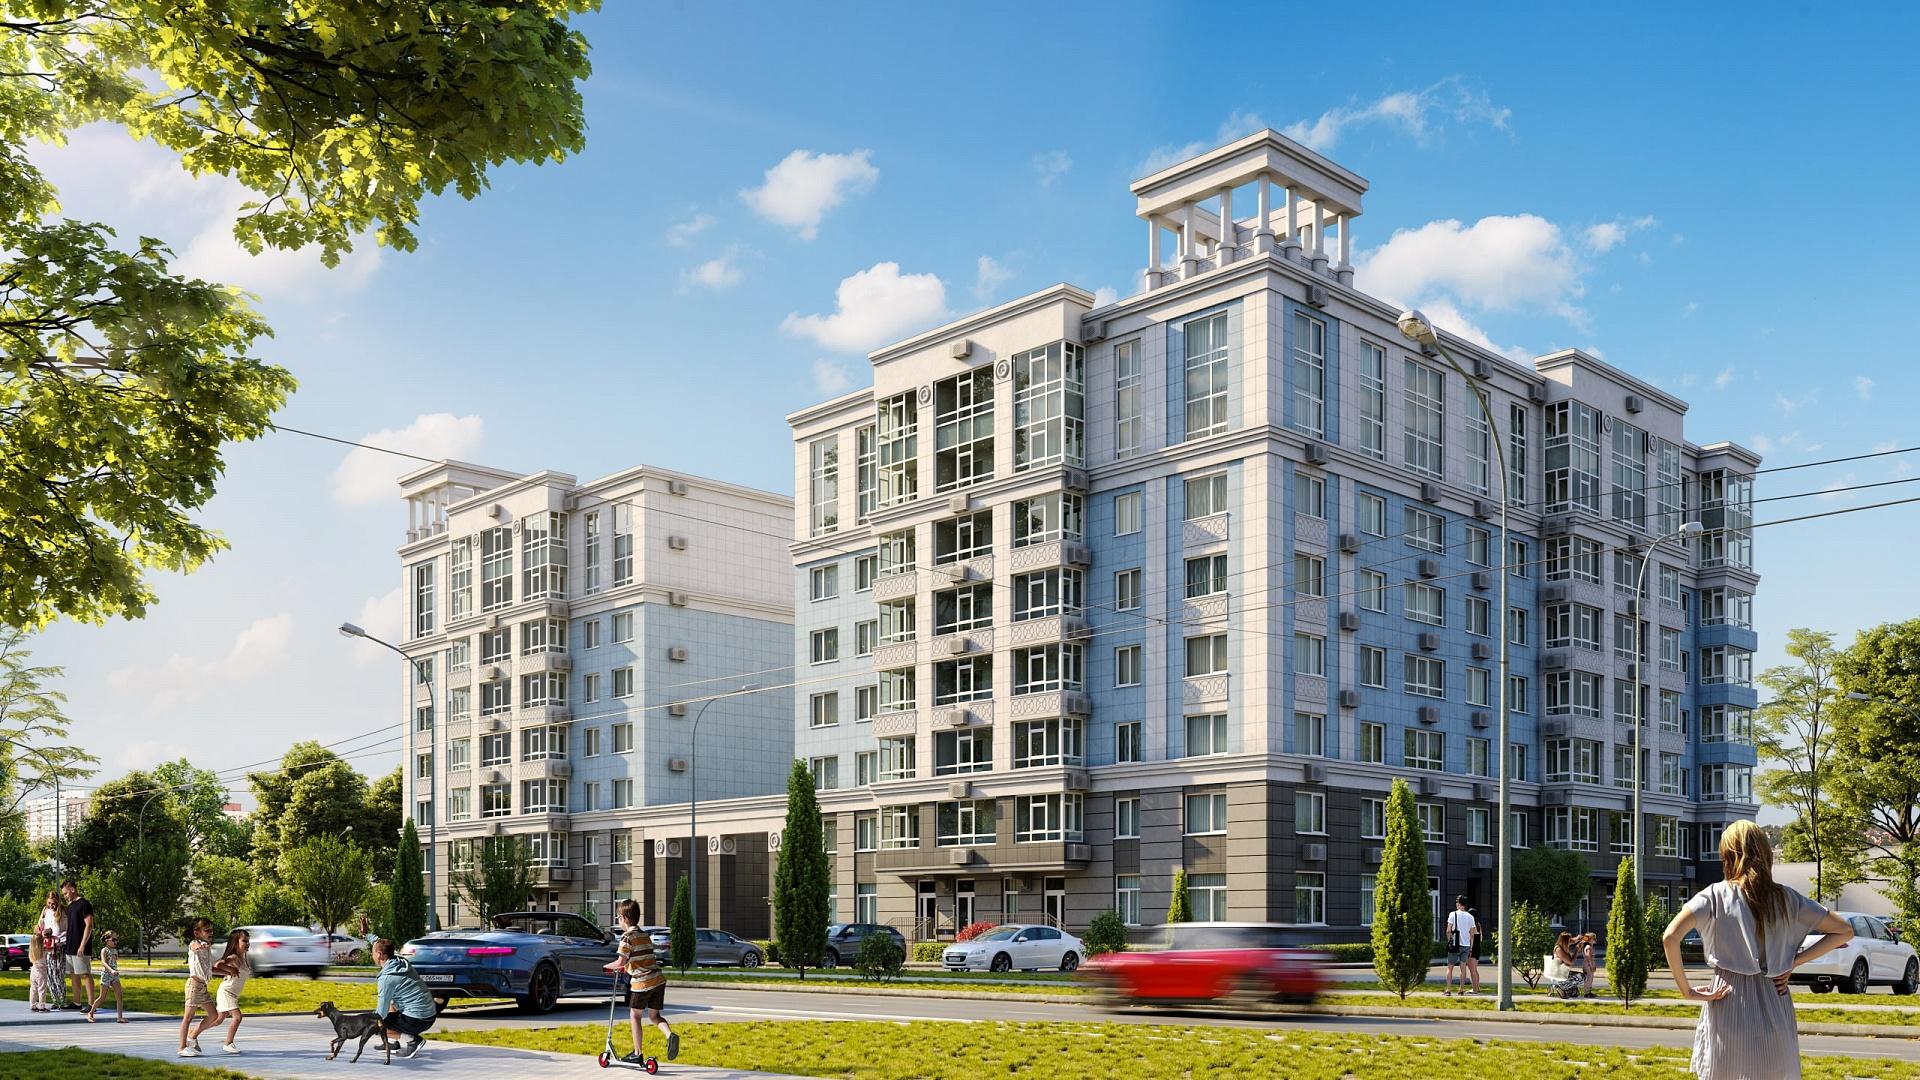 ГК ИнтерСтрой вывела в продажу новые квартиры в ЖК «ЦентрПарк» в Евпатории